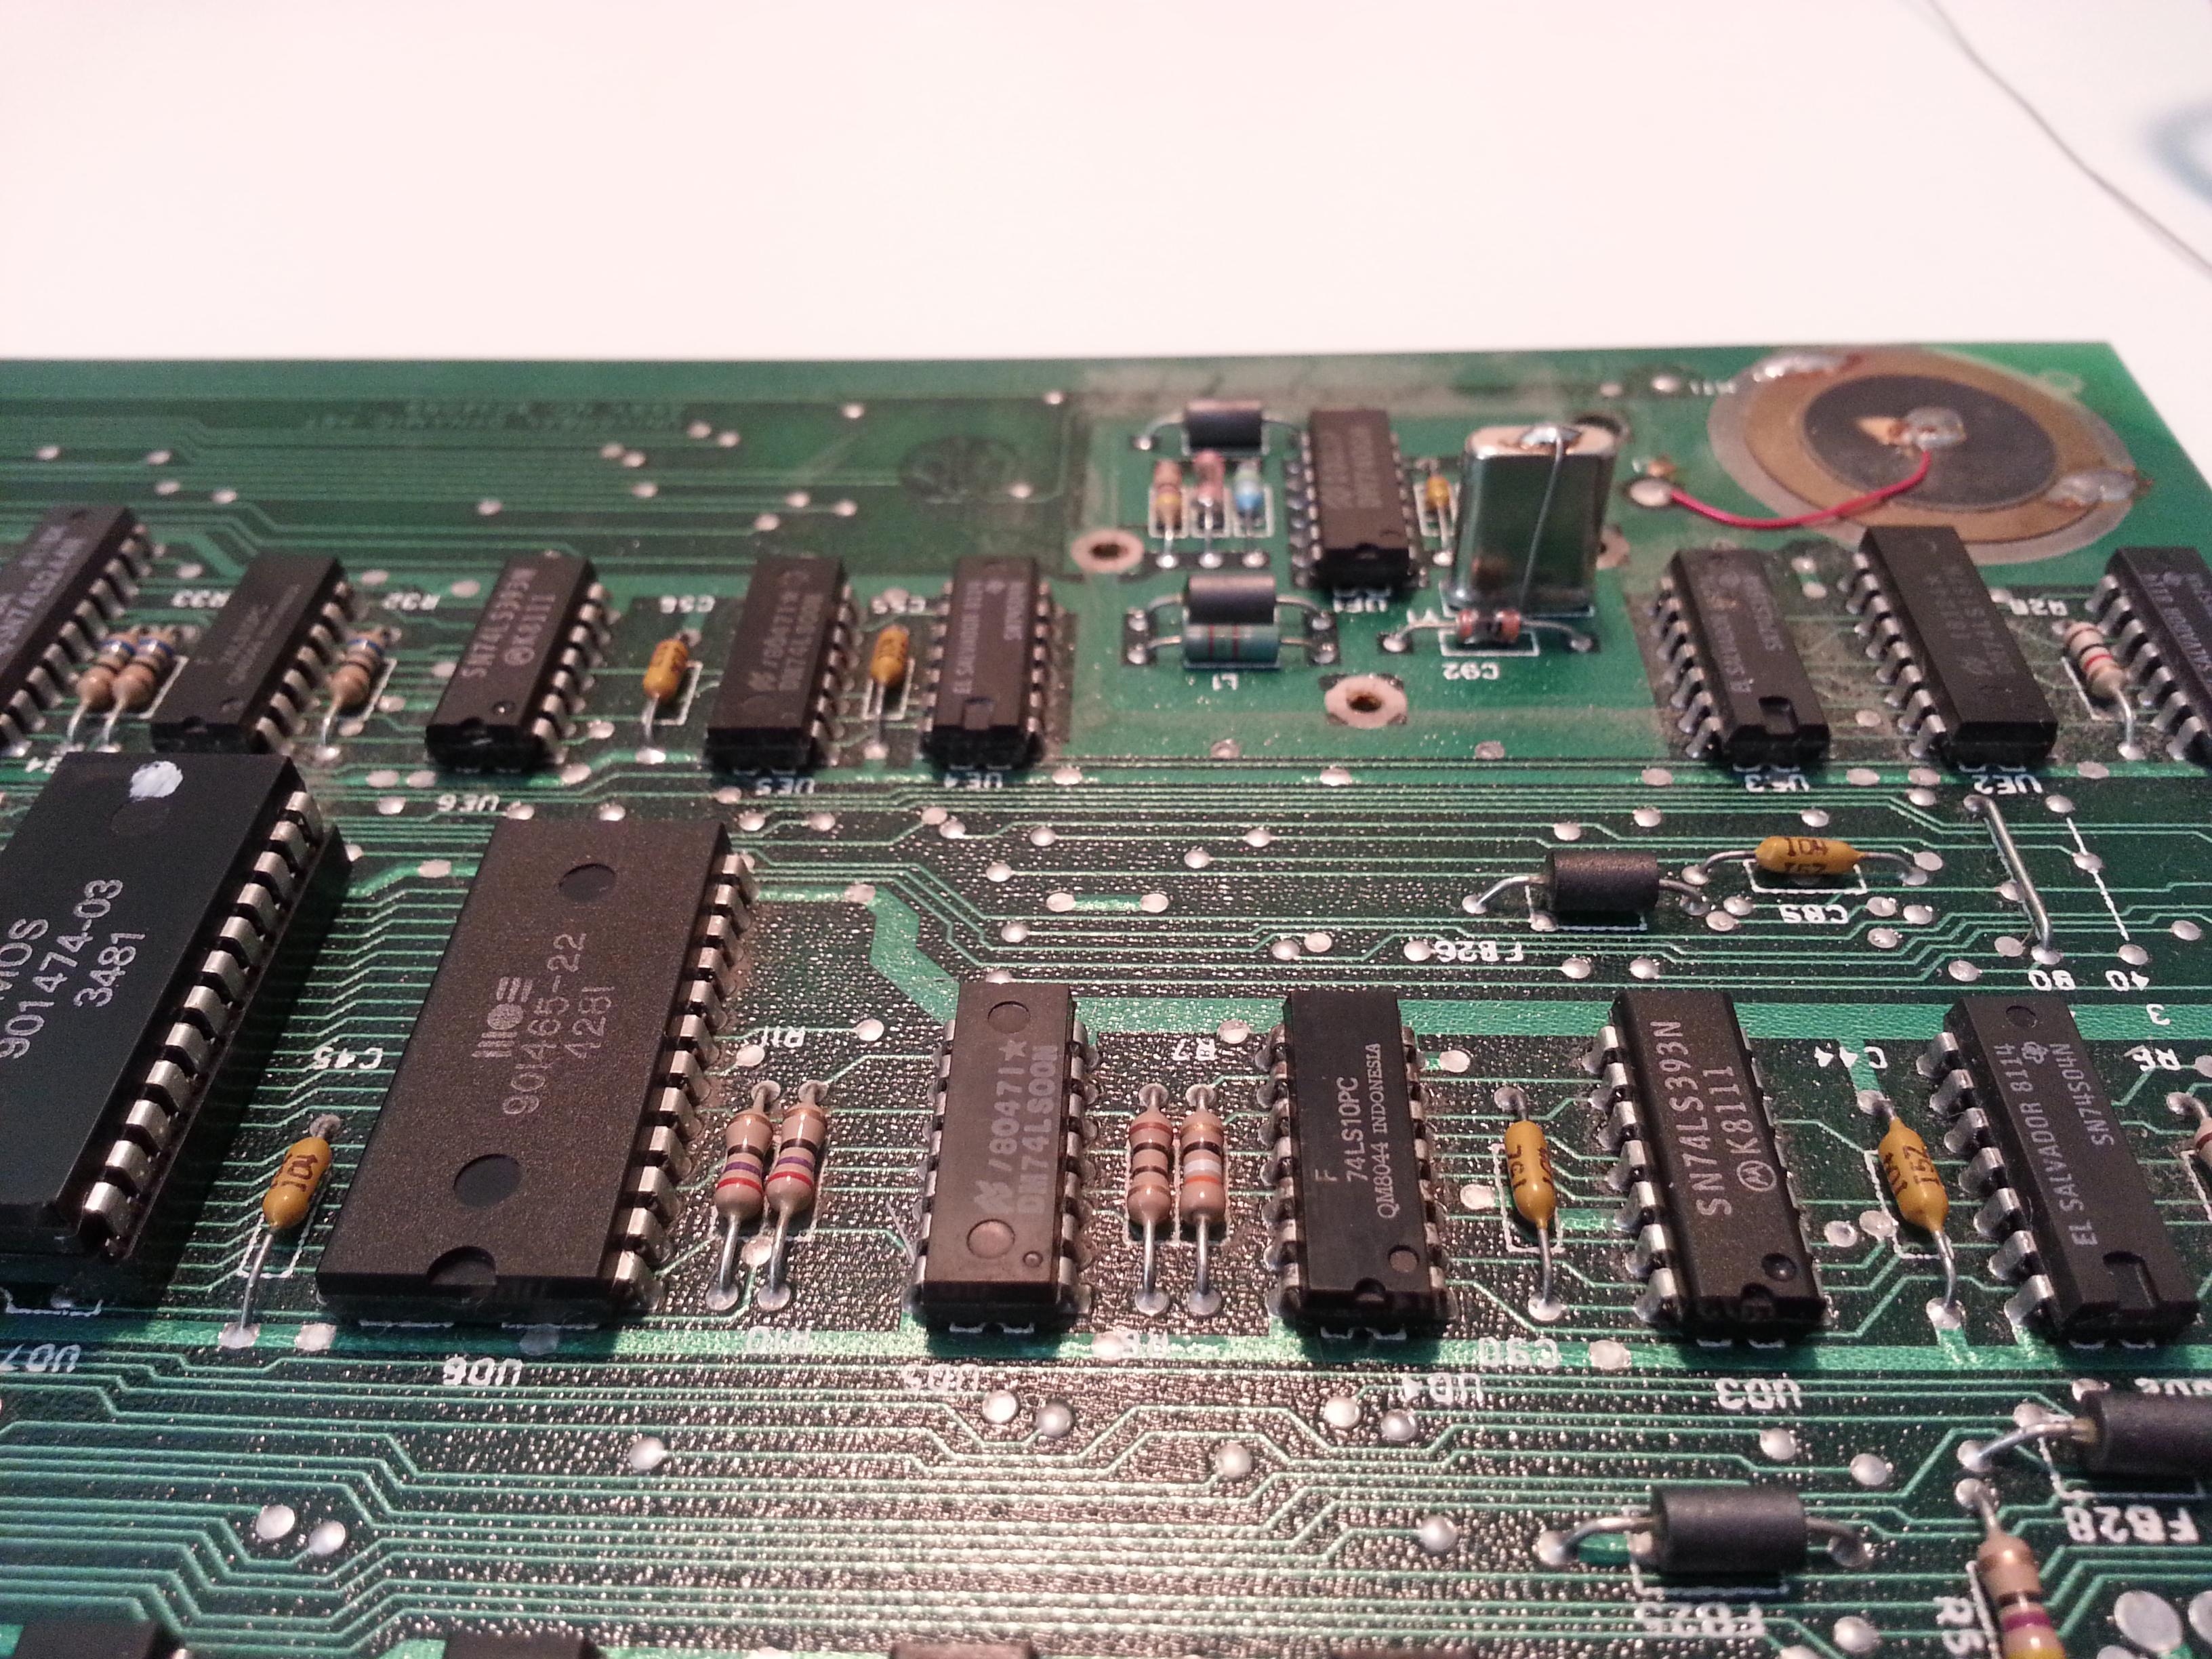 Mike Naberezny – CBM 8032-SK Board